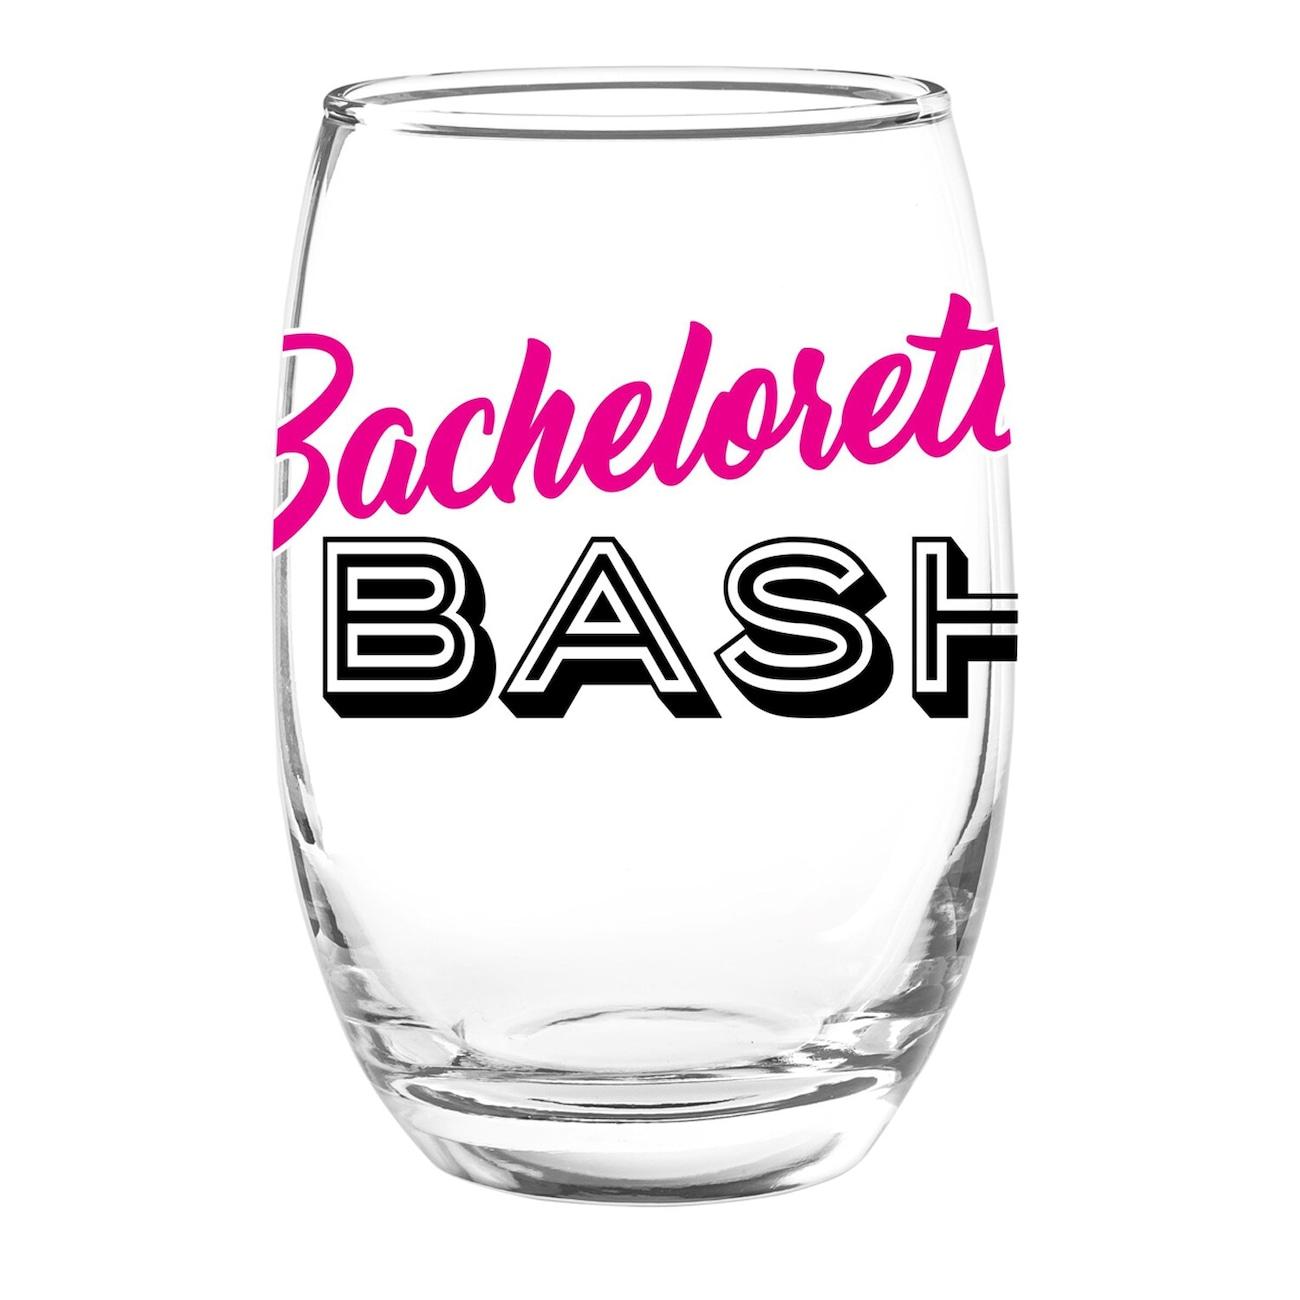 Stemless Bachelorette Bash Wine Gles 15 Oz